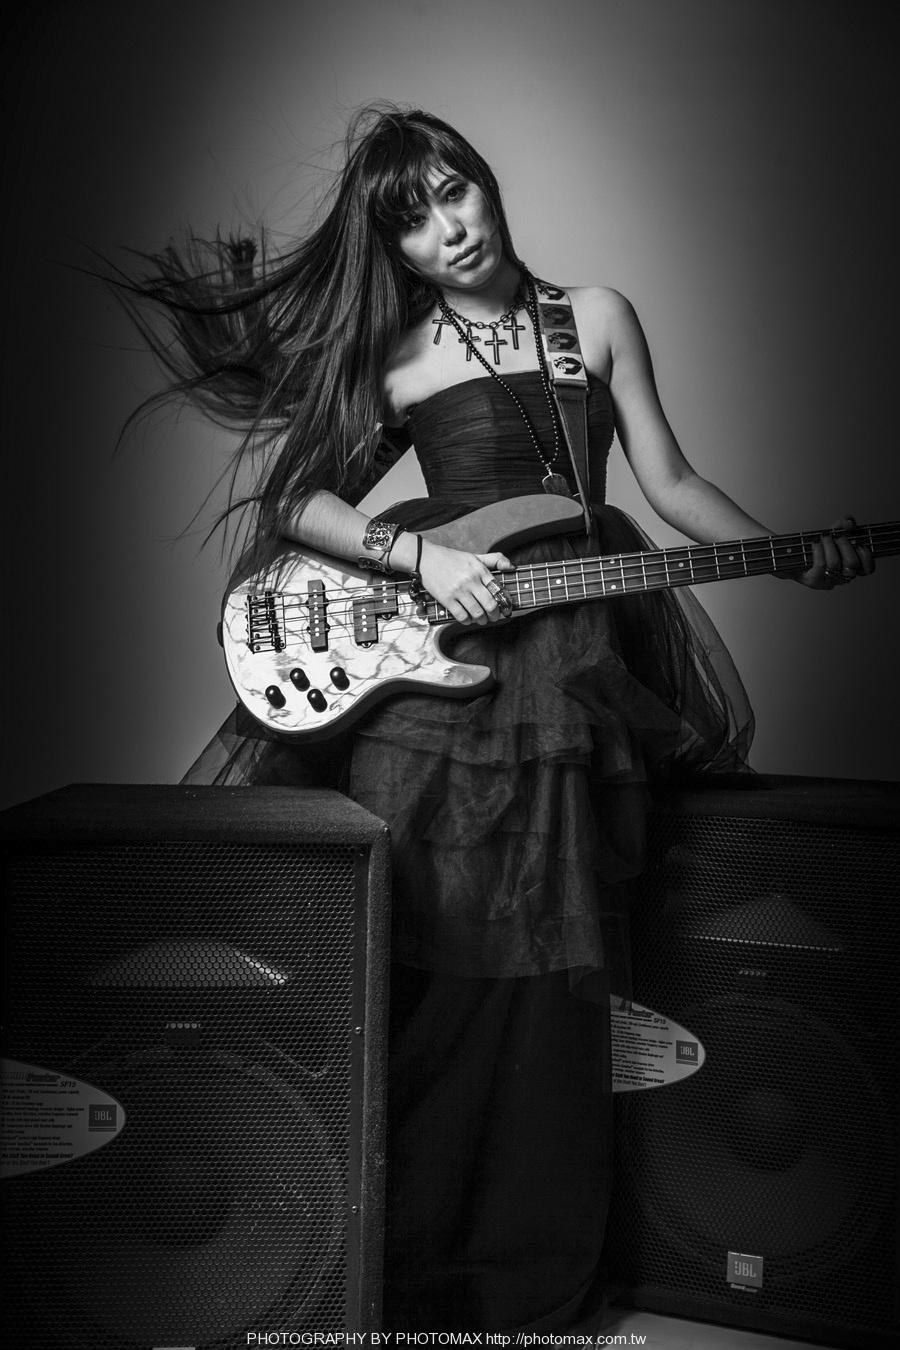 顏妍 PHOTO MAX 老麦摄影 PHOTOMAX 非主流写真 摇滚 贝斯手 (11)